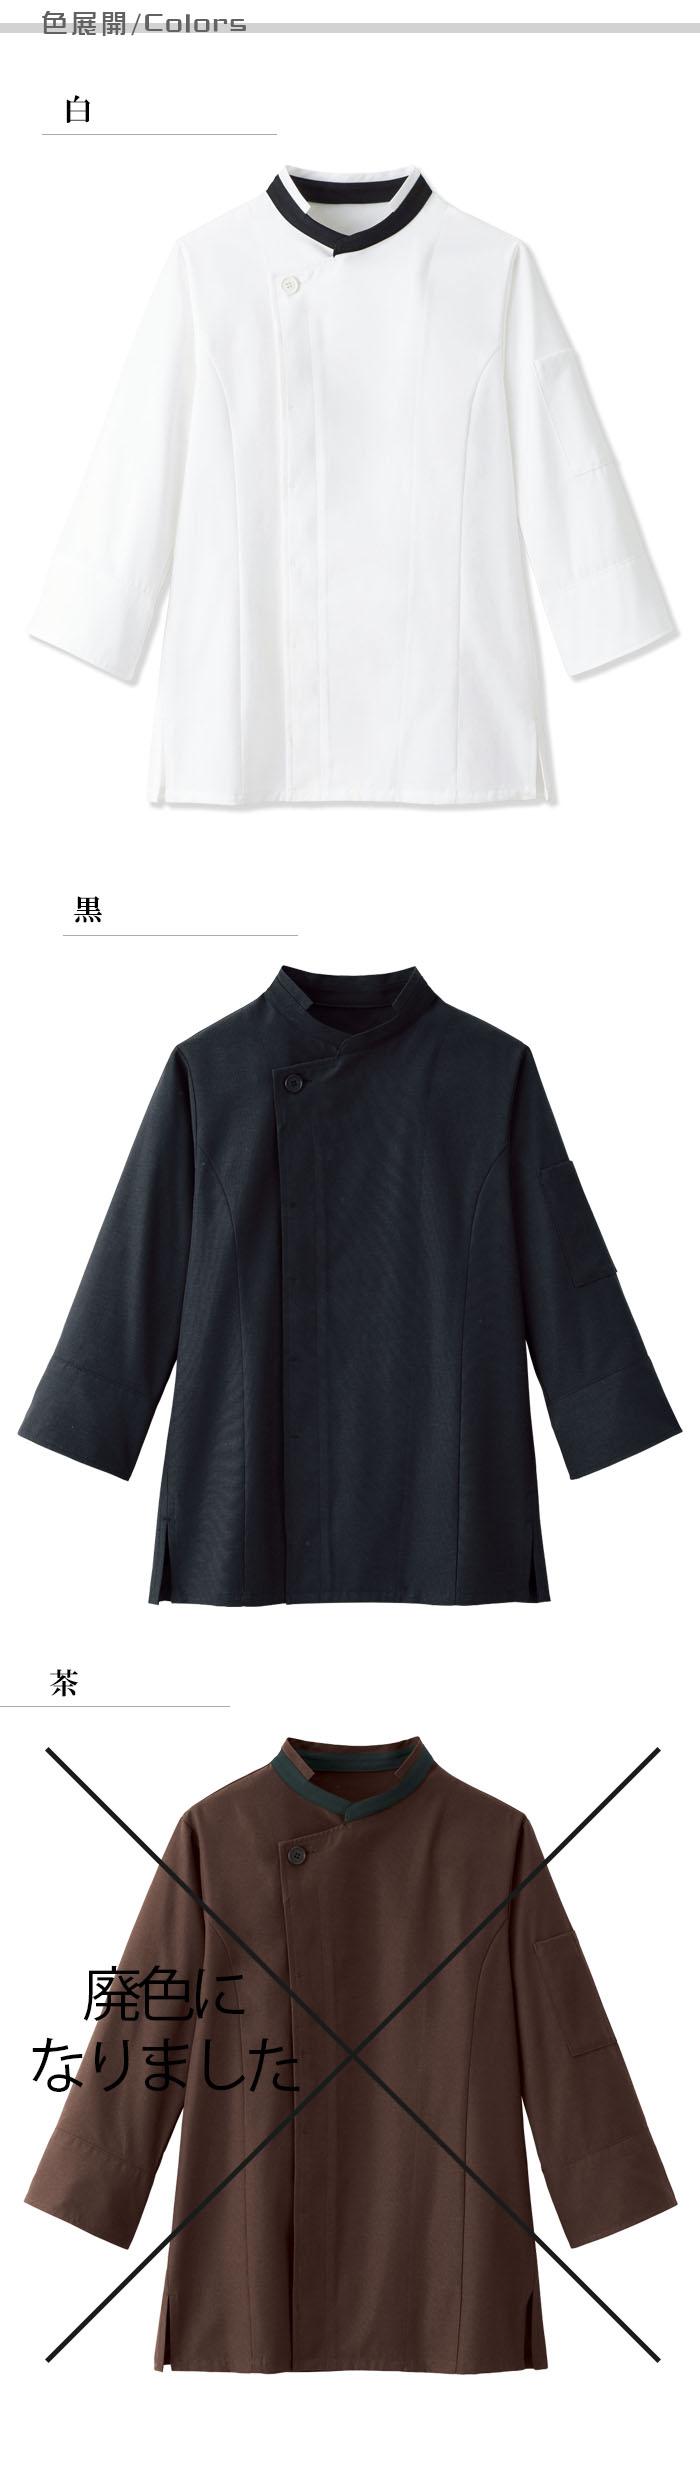 飲食店販売制服 シェフ監修 計算しつくされたプロのための一着 ショップコート【男女兼用】3色  商品色展開説明